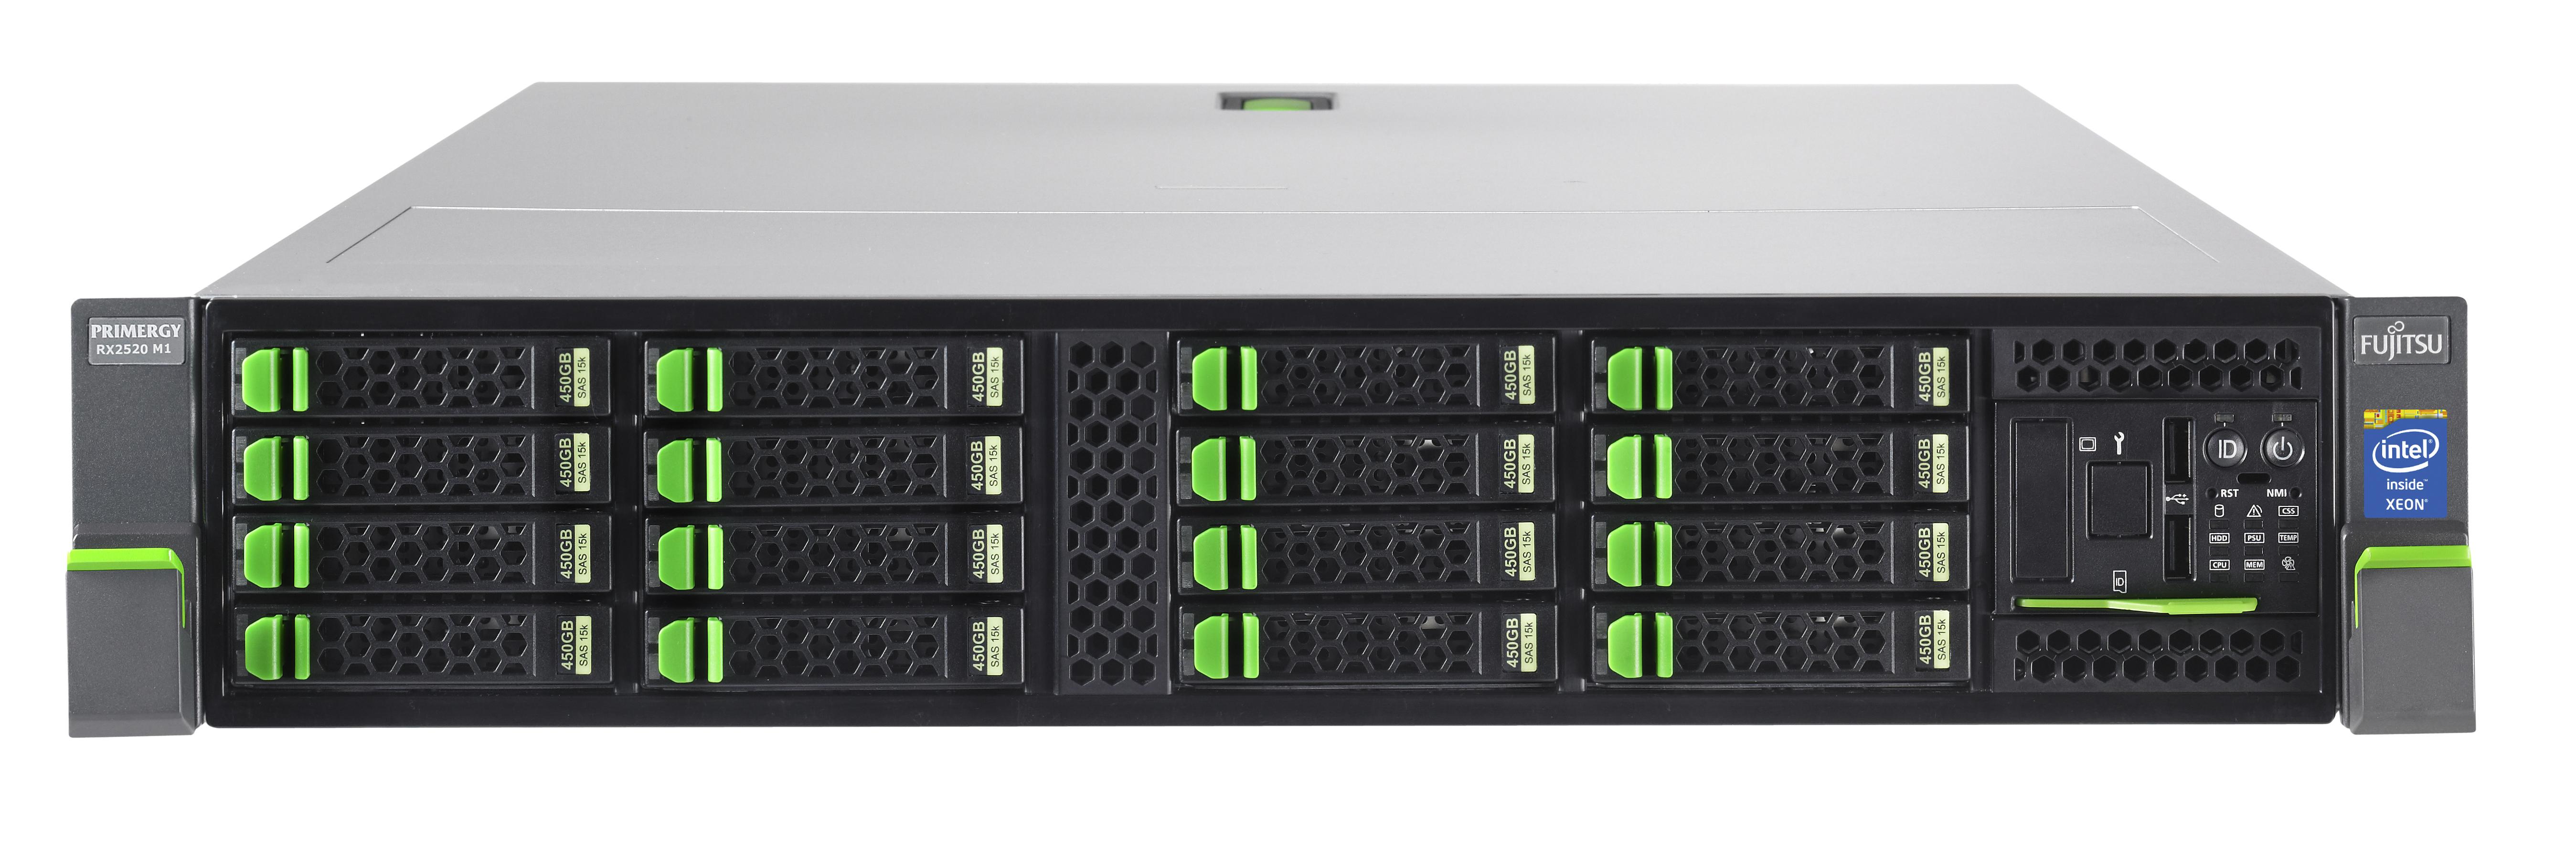 Fujitsu PRIMERGY RX2520 M1 2.5GHz E5-2430V2 450W Rack (2U) Server